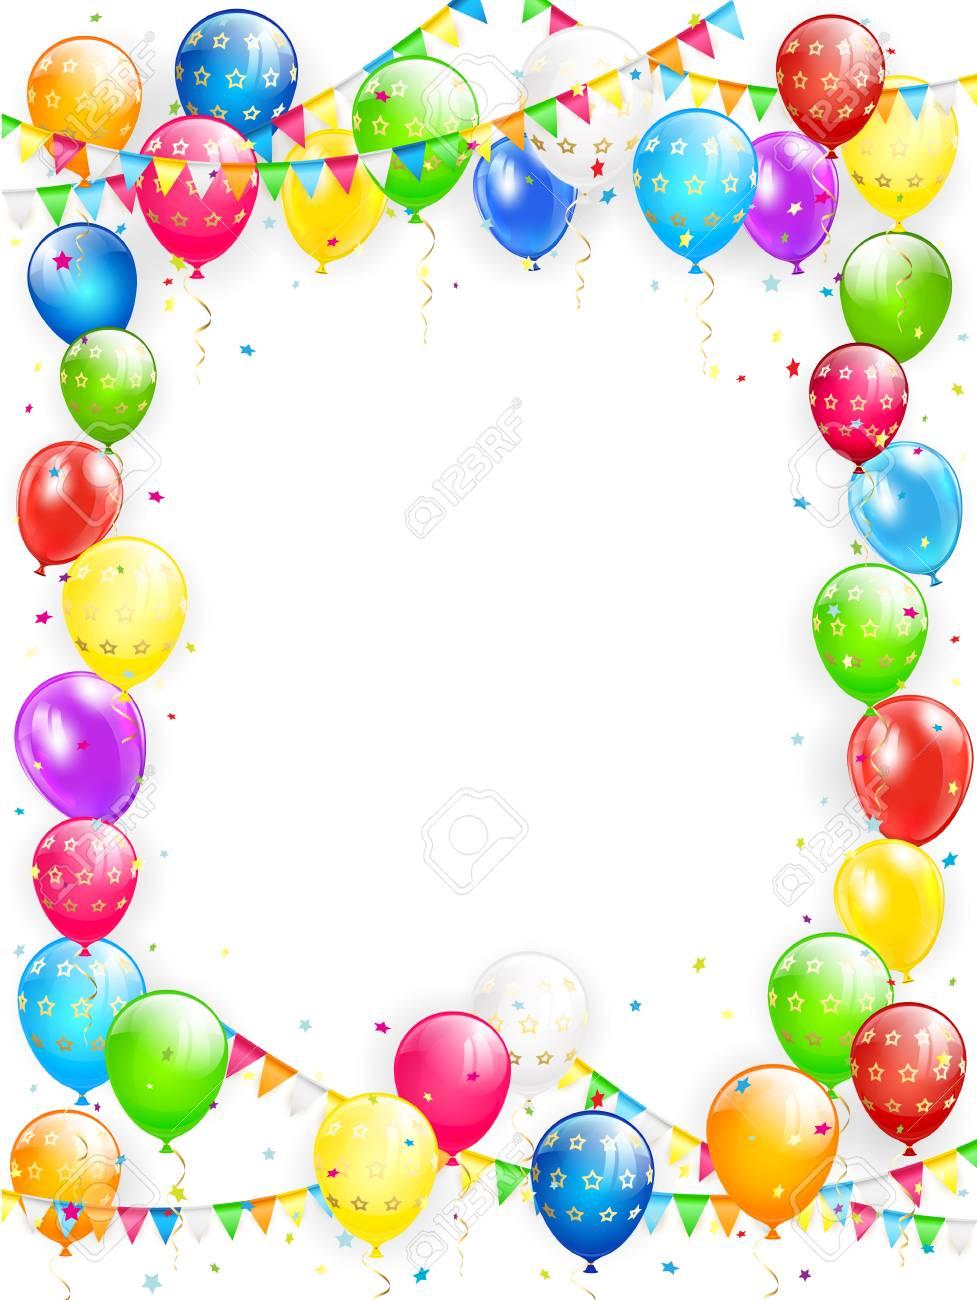 Cadre Anniversaire thème d'anniversaire, cadre de voler des ballons colorés, des